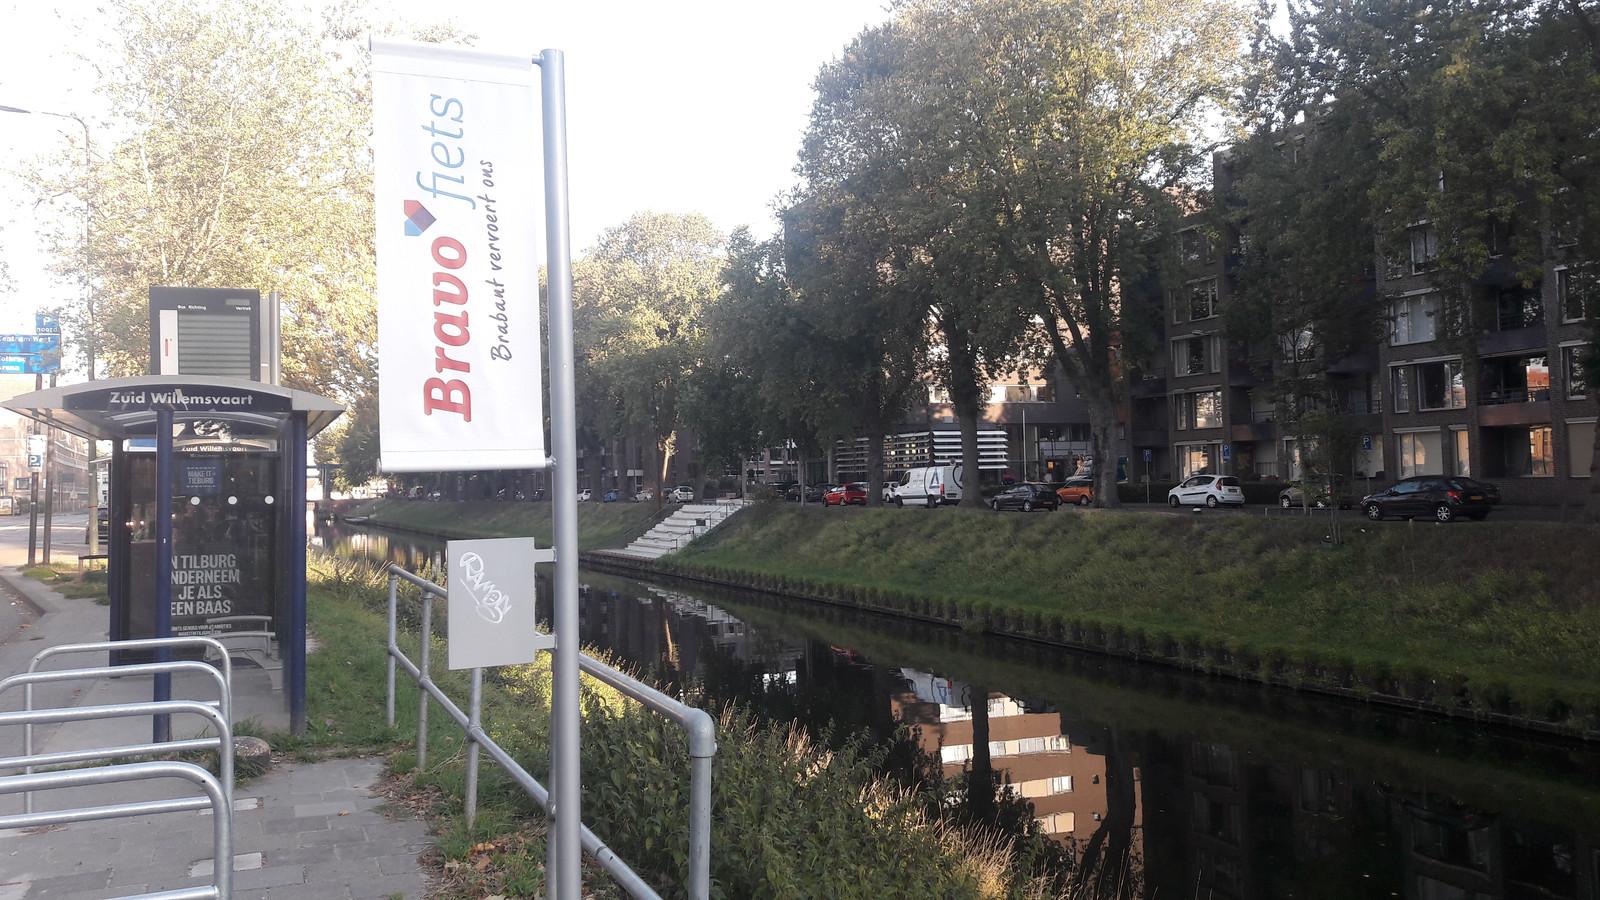 Bij deze bushalte aan de Zuid-Willemsvaart komen leenfietsen te staan.